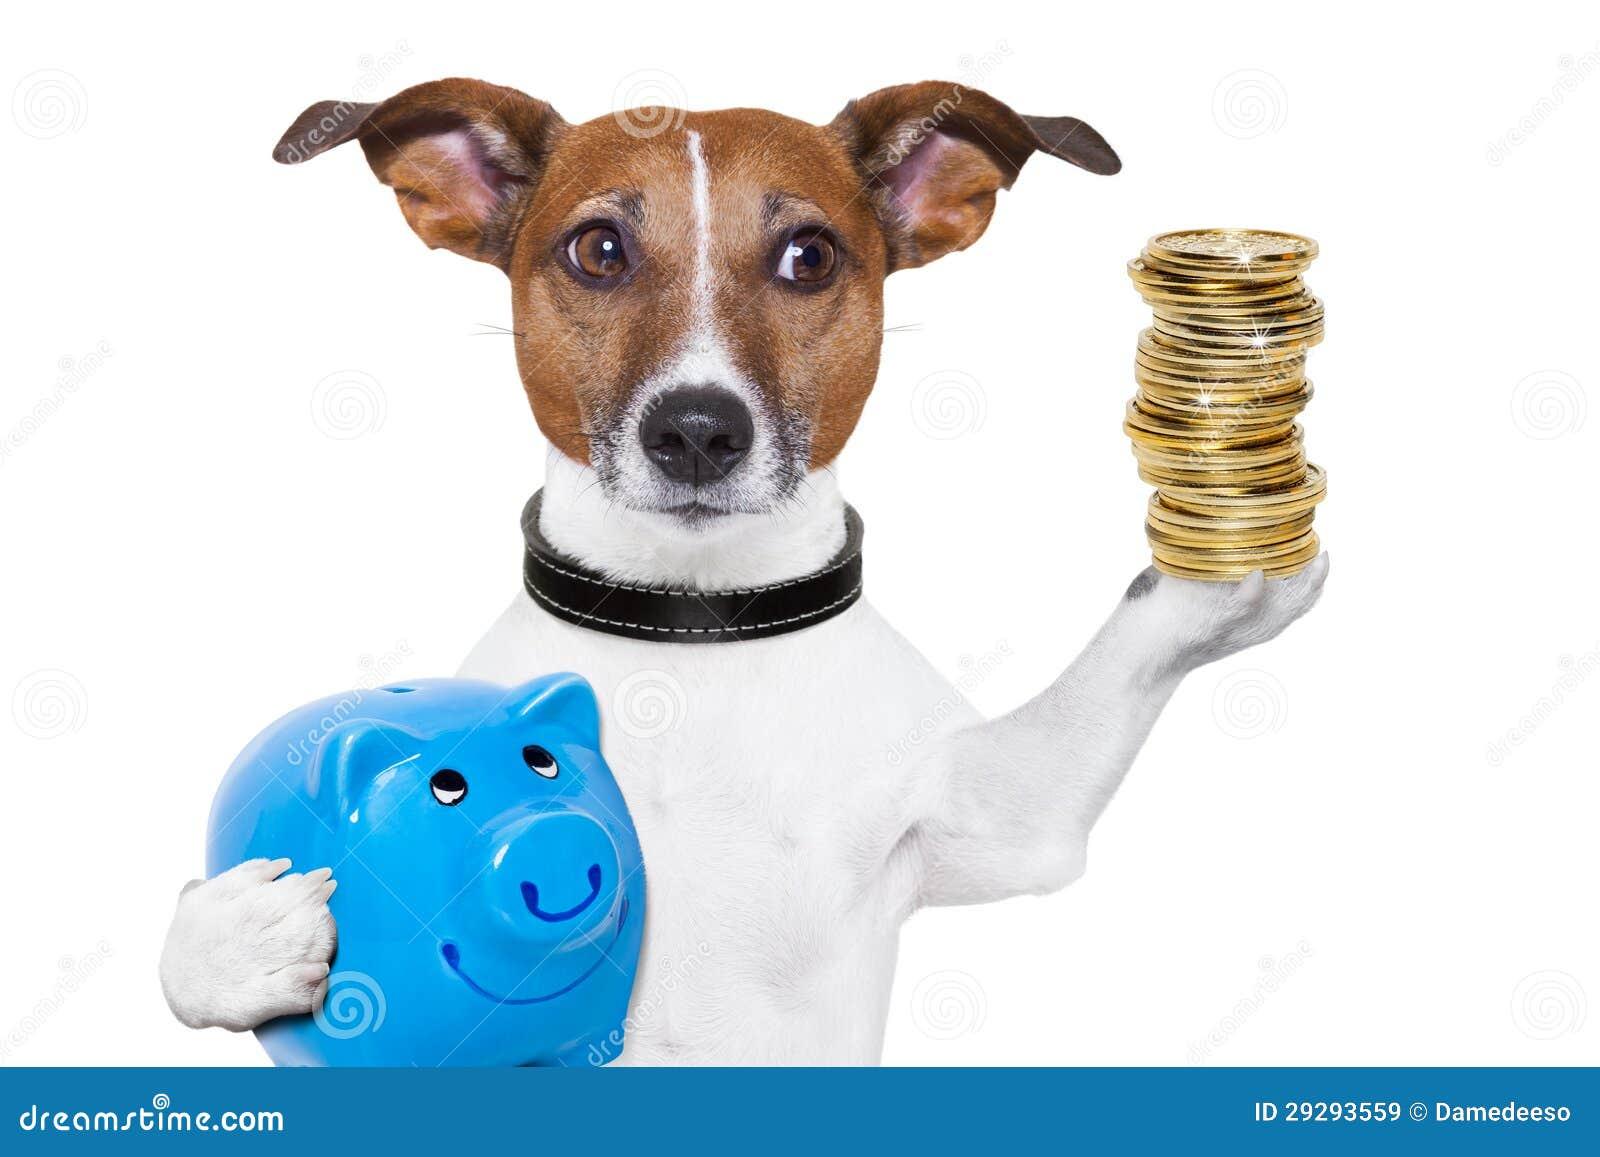 Dog Piggy Bank Video